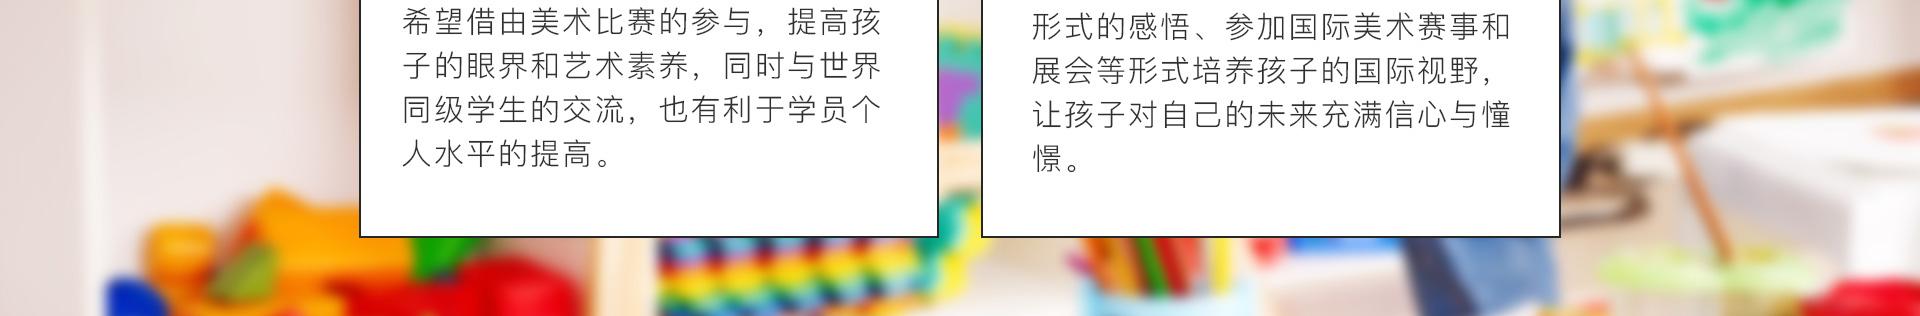 慧美述少儿美术详情_15